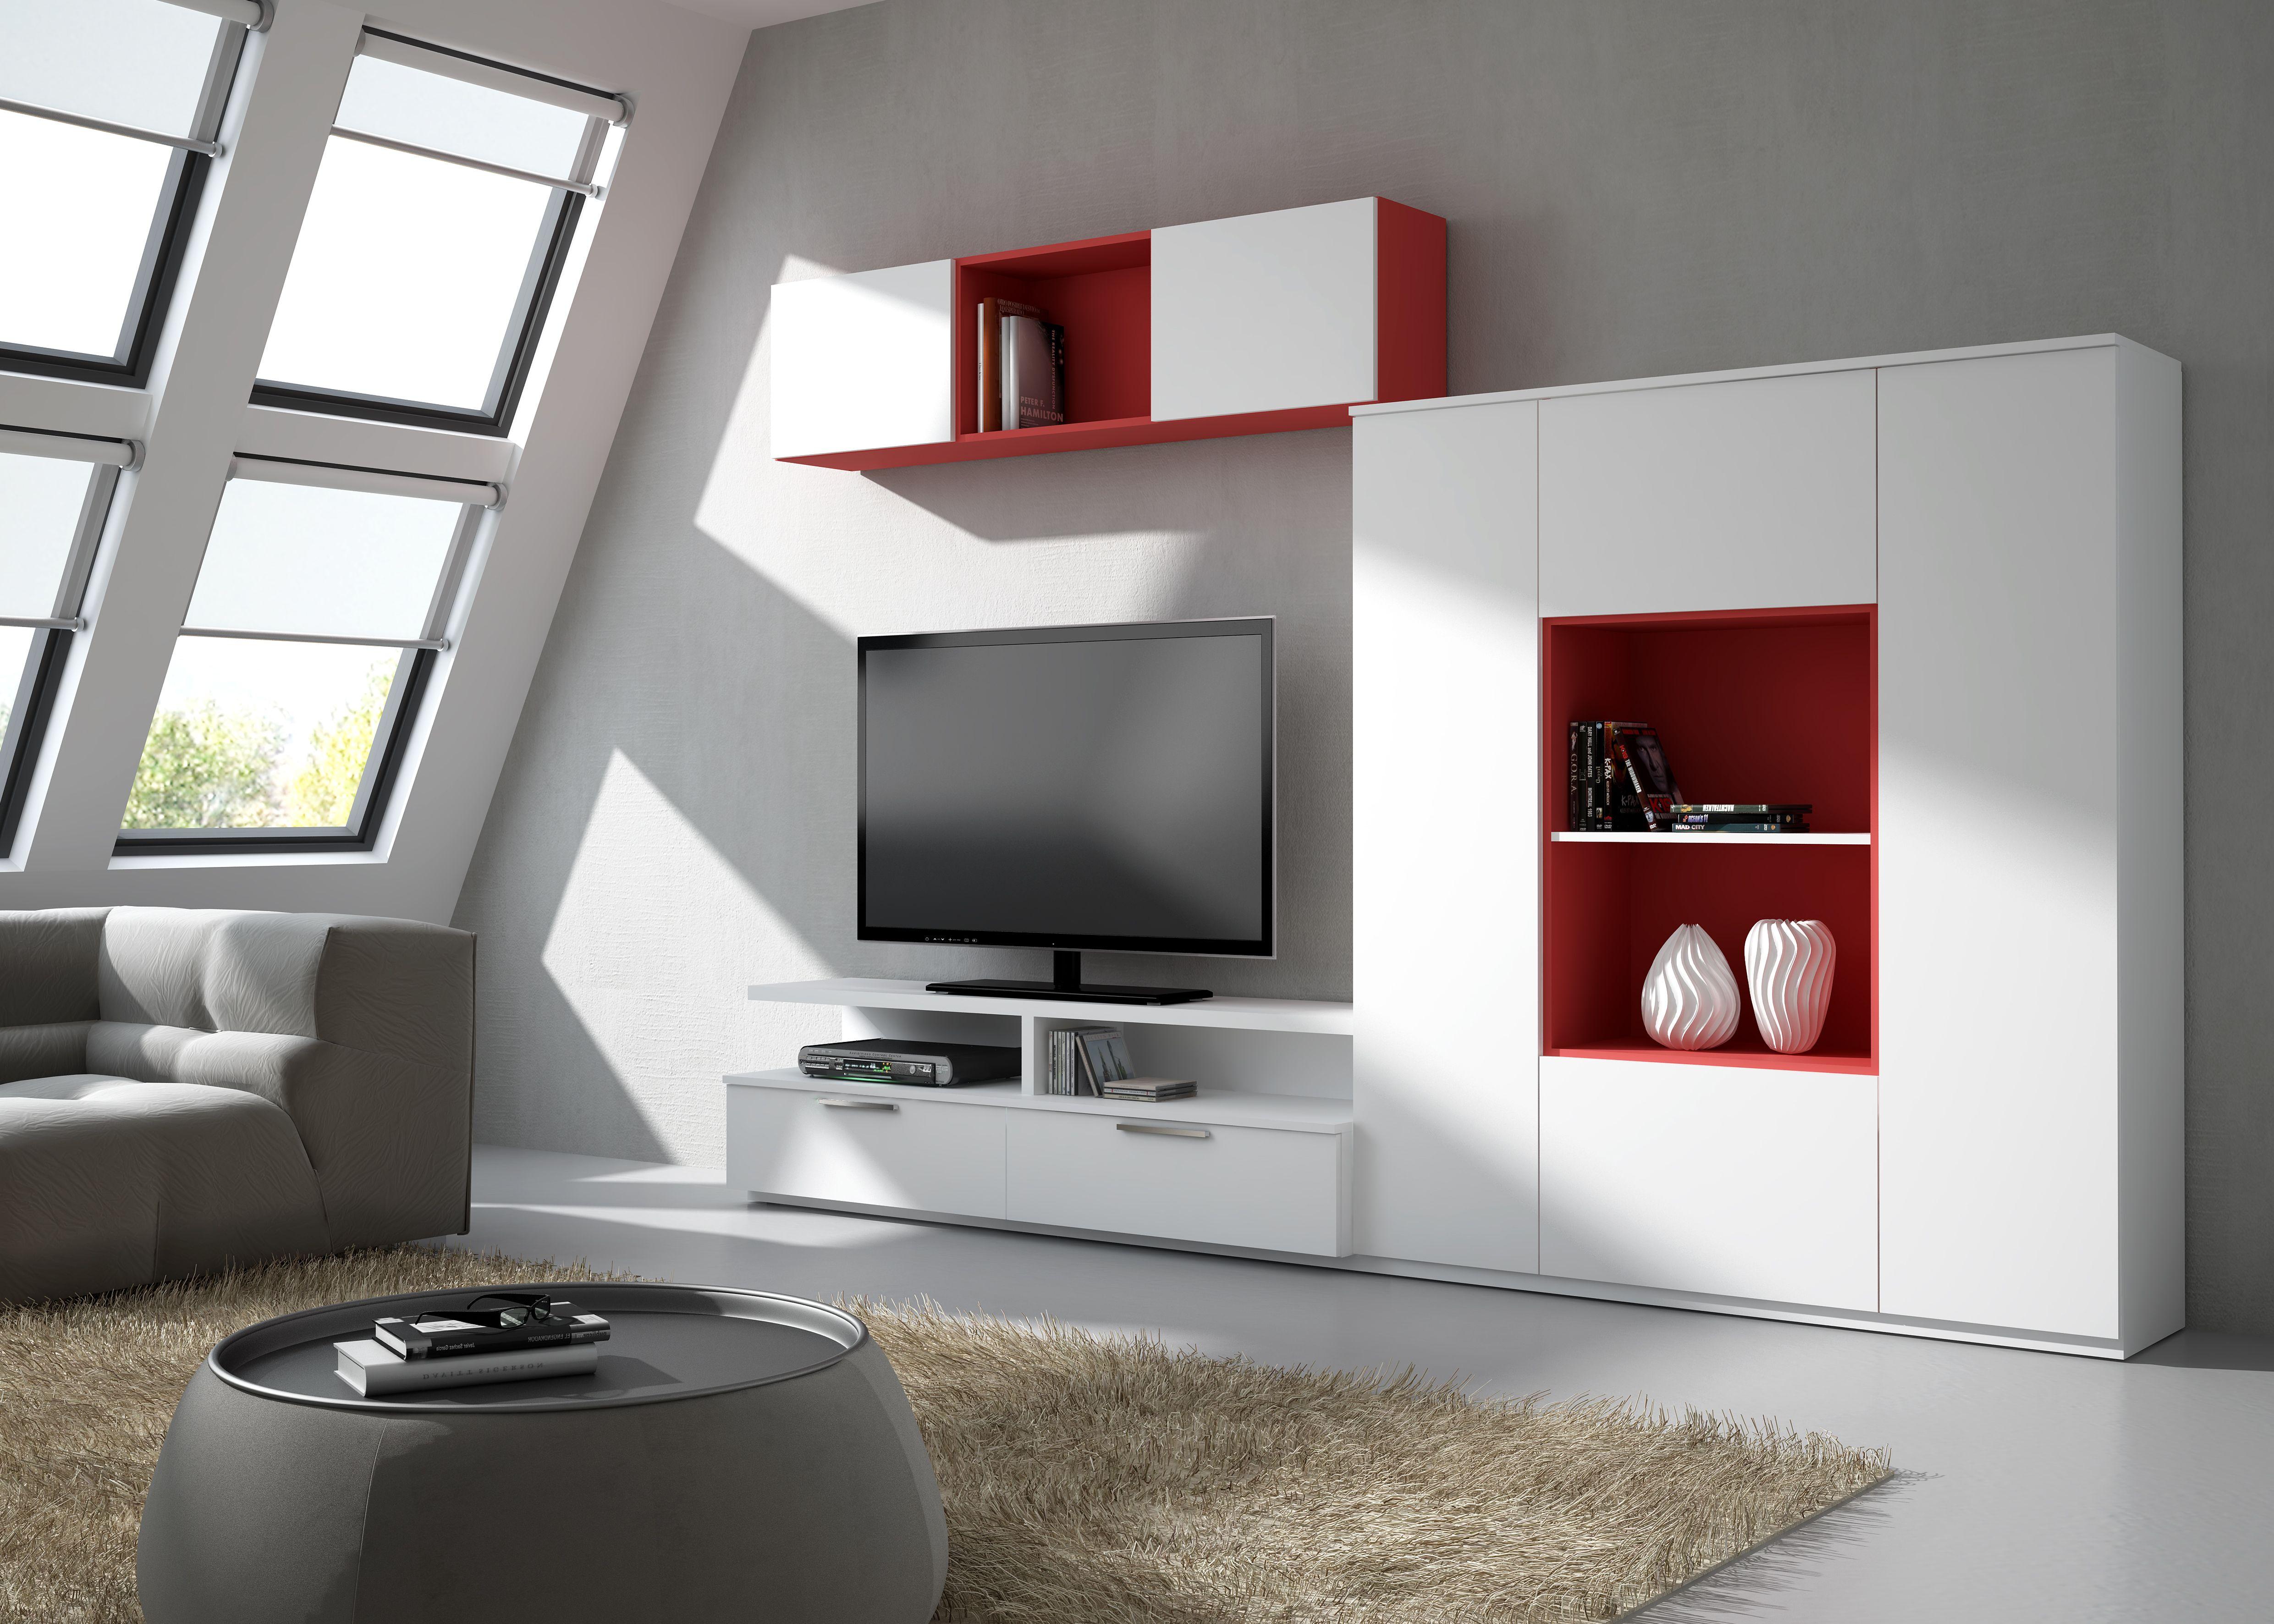 Muebles Ubeda Jaen - Combinaci N De Colores Y Formas Un Mueble Adaptado A Cada [mjhdah]http://www.laguia.es/empresas/especialista-en-mueble-juvenil-el-mejor-precio-en-muebles-de-cocina-bano-economicos-jaen-ubeda-baeza-linares/images/el-mejor-precio-en-muebles.jpg